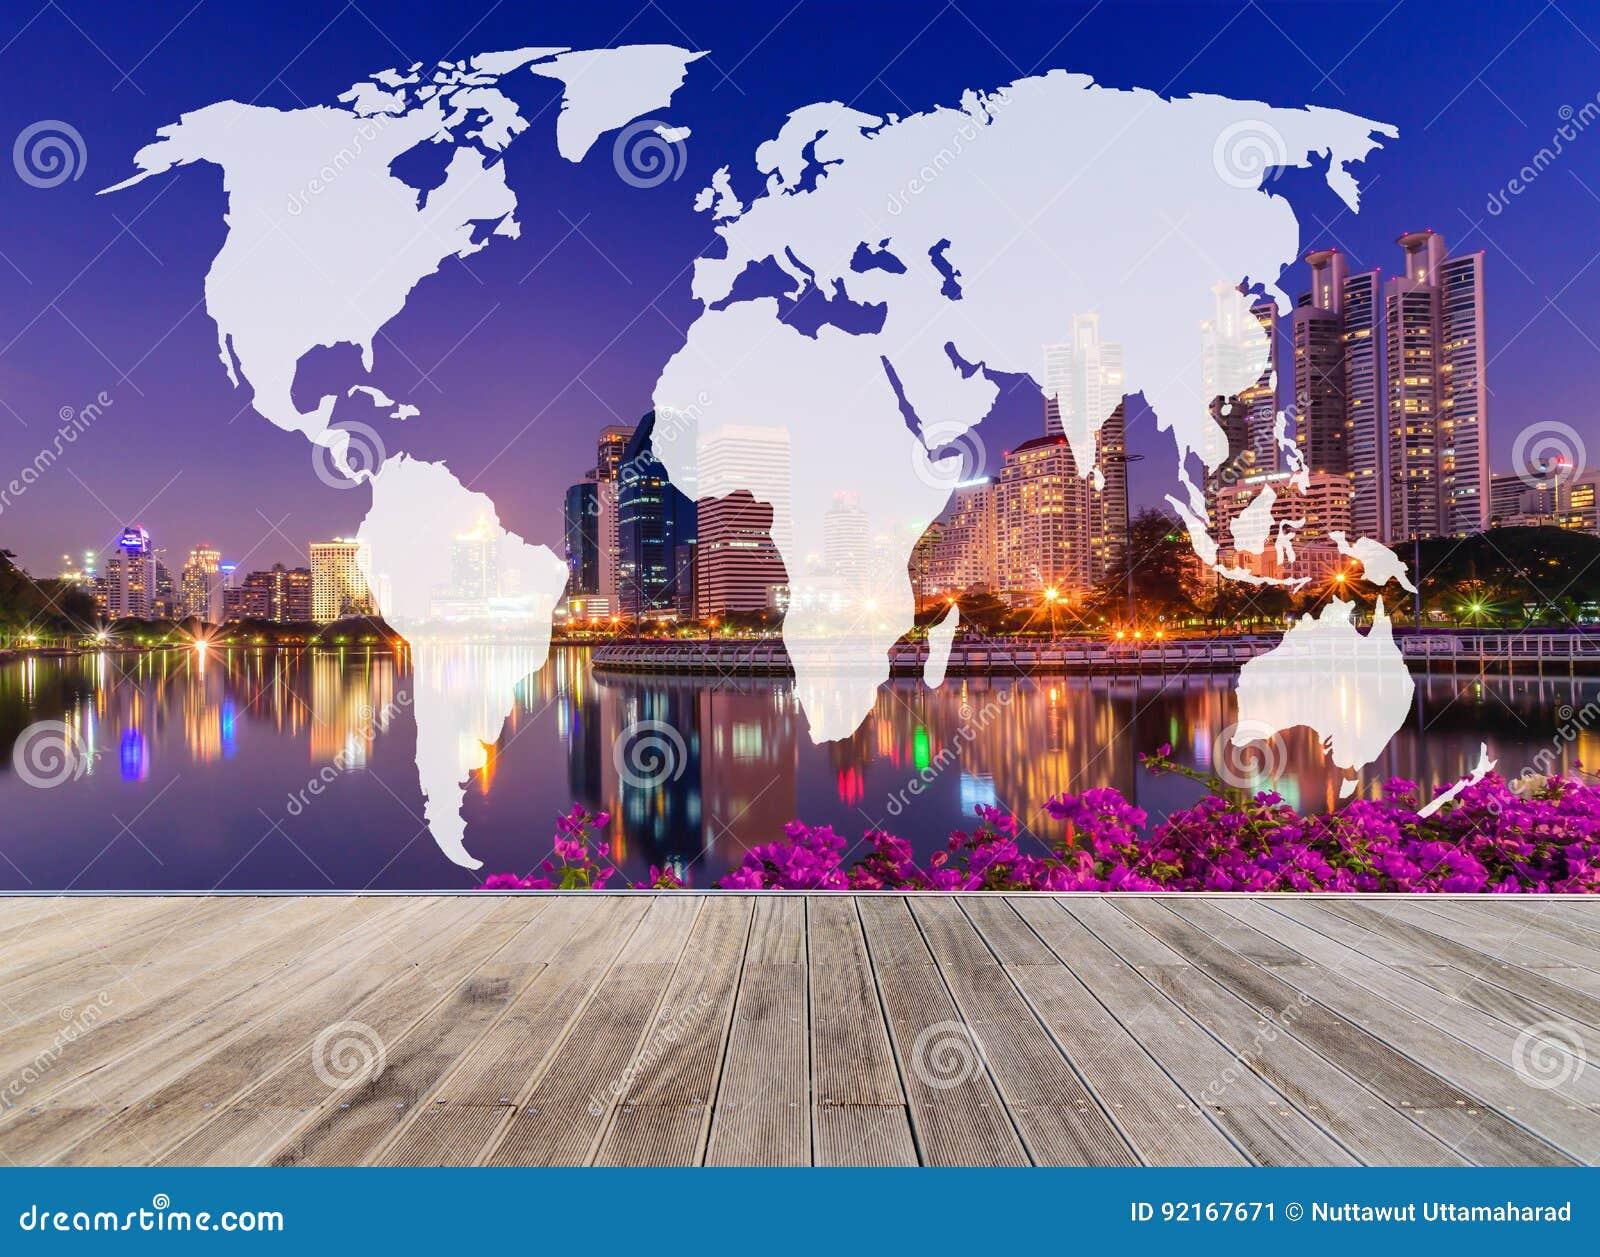 Double Exposure World Map With Wooden Walkway And Skyline Bangkok